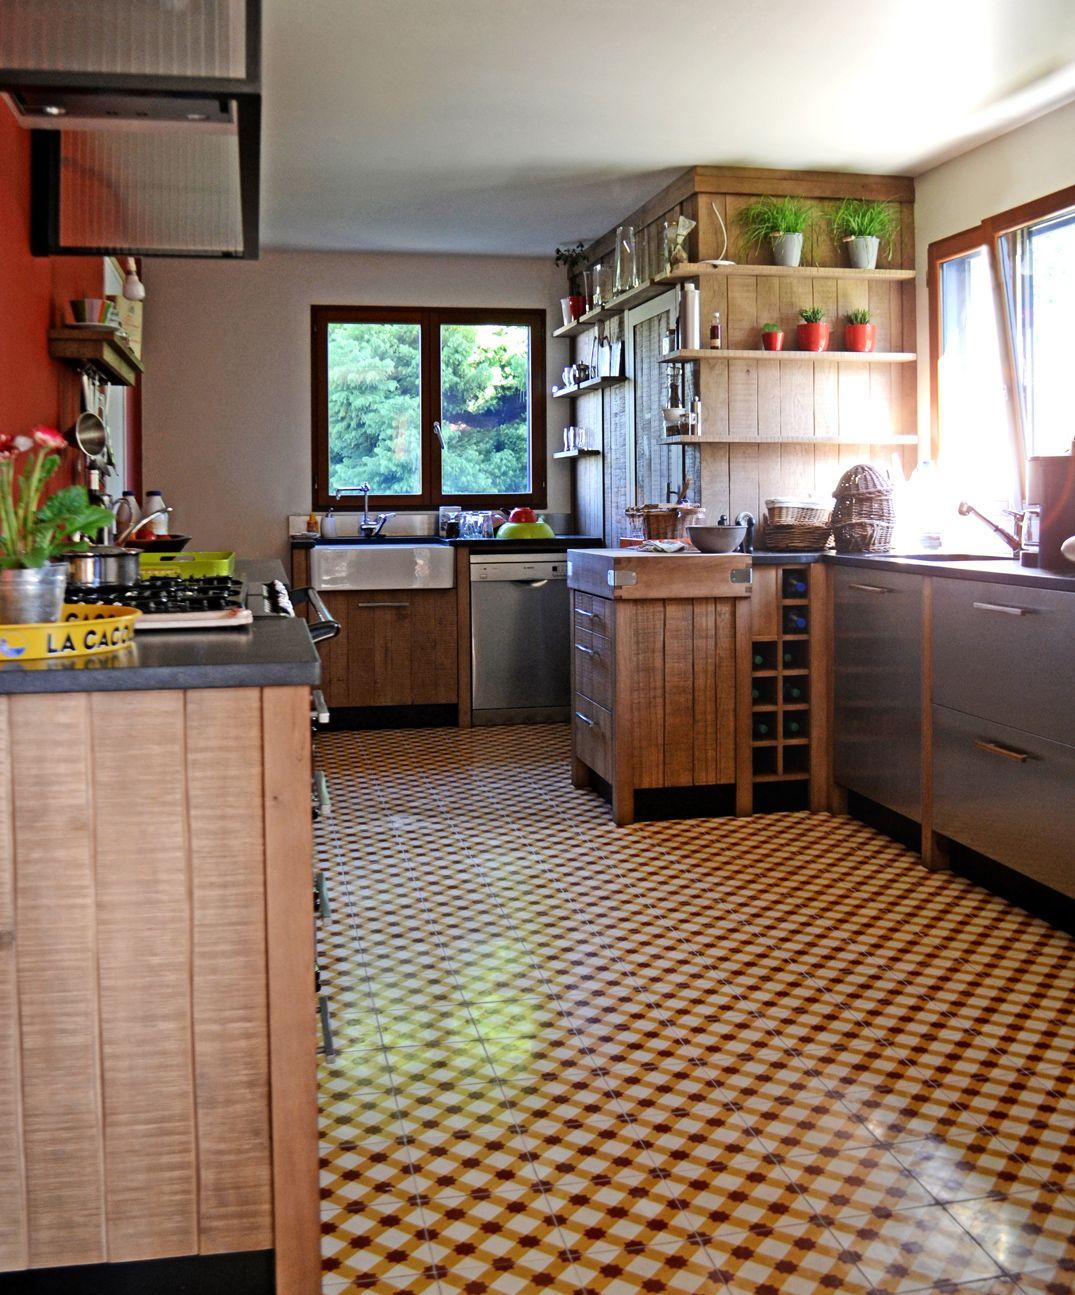 Un chaleureux atelier culinaire cuisine ch ne massif carreaux ciment hotte verri re granit - Cuisine chene massif ...